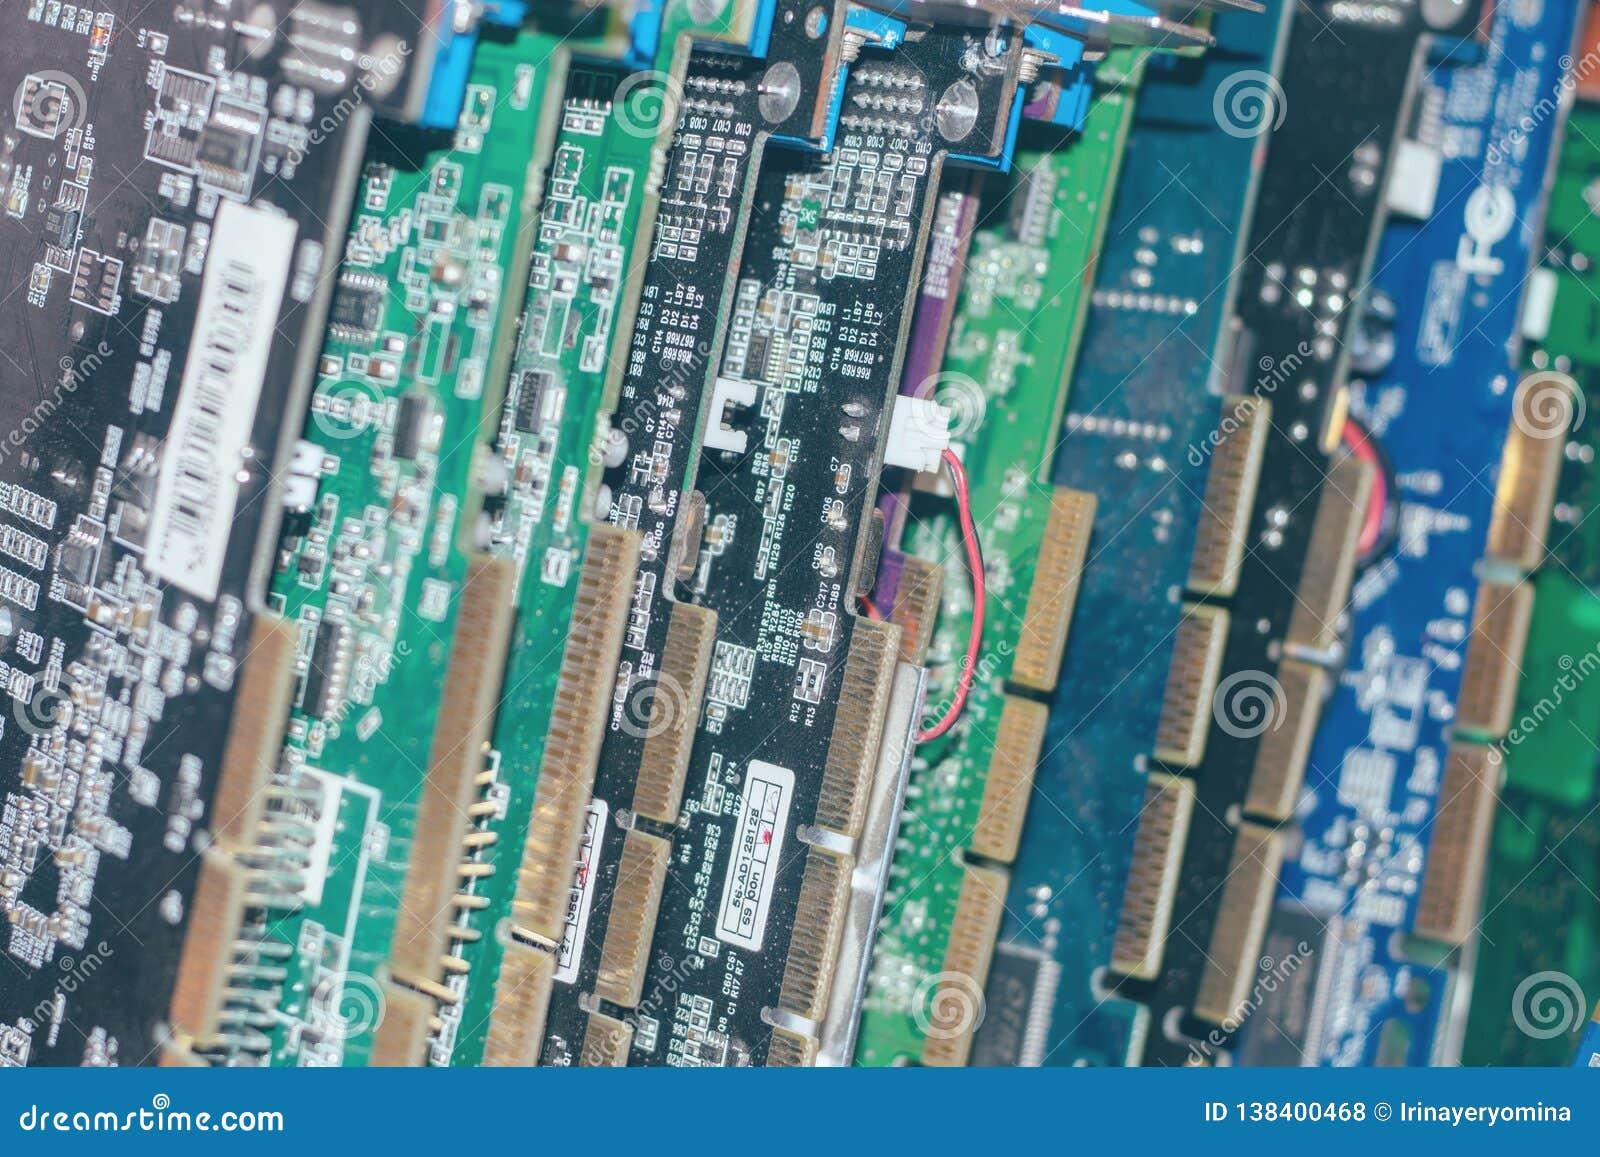 Vele Videokaarten De kaart en de Kringen van de computergrafiek: DVI, de schakelaars van de Vertoningshaven De achtergrond van de